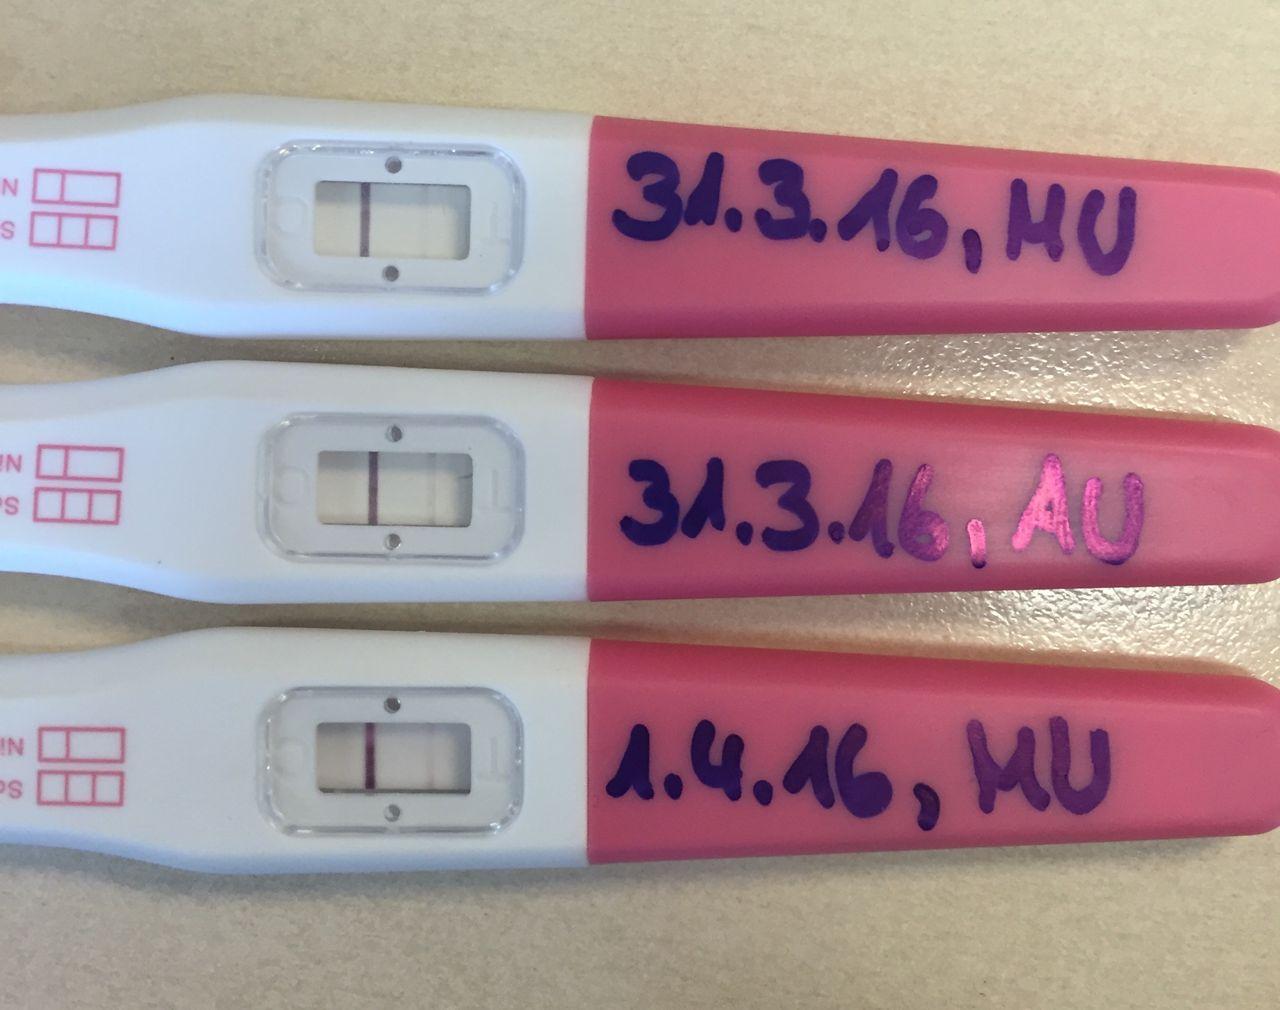 Gebärmutterdatierung